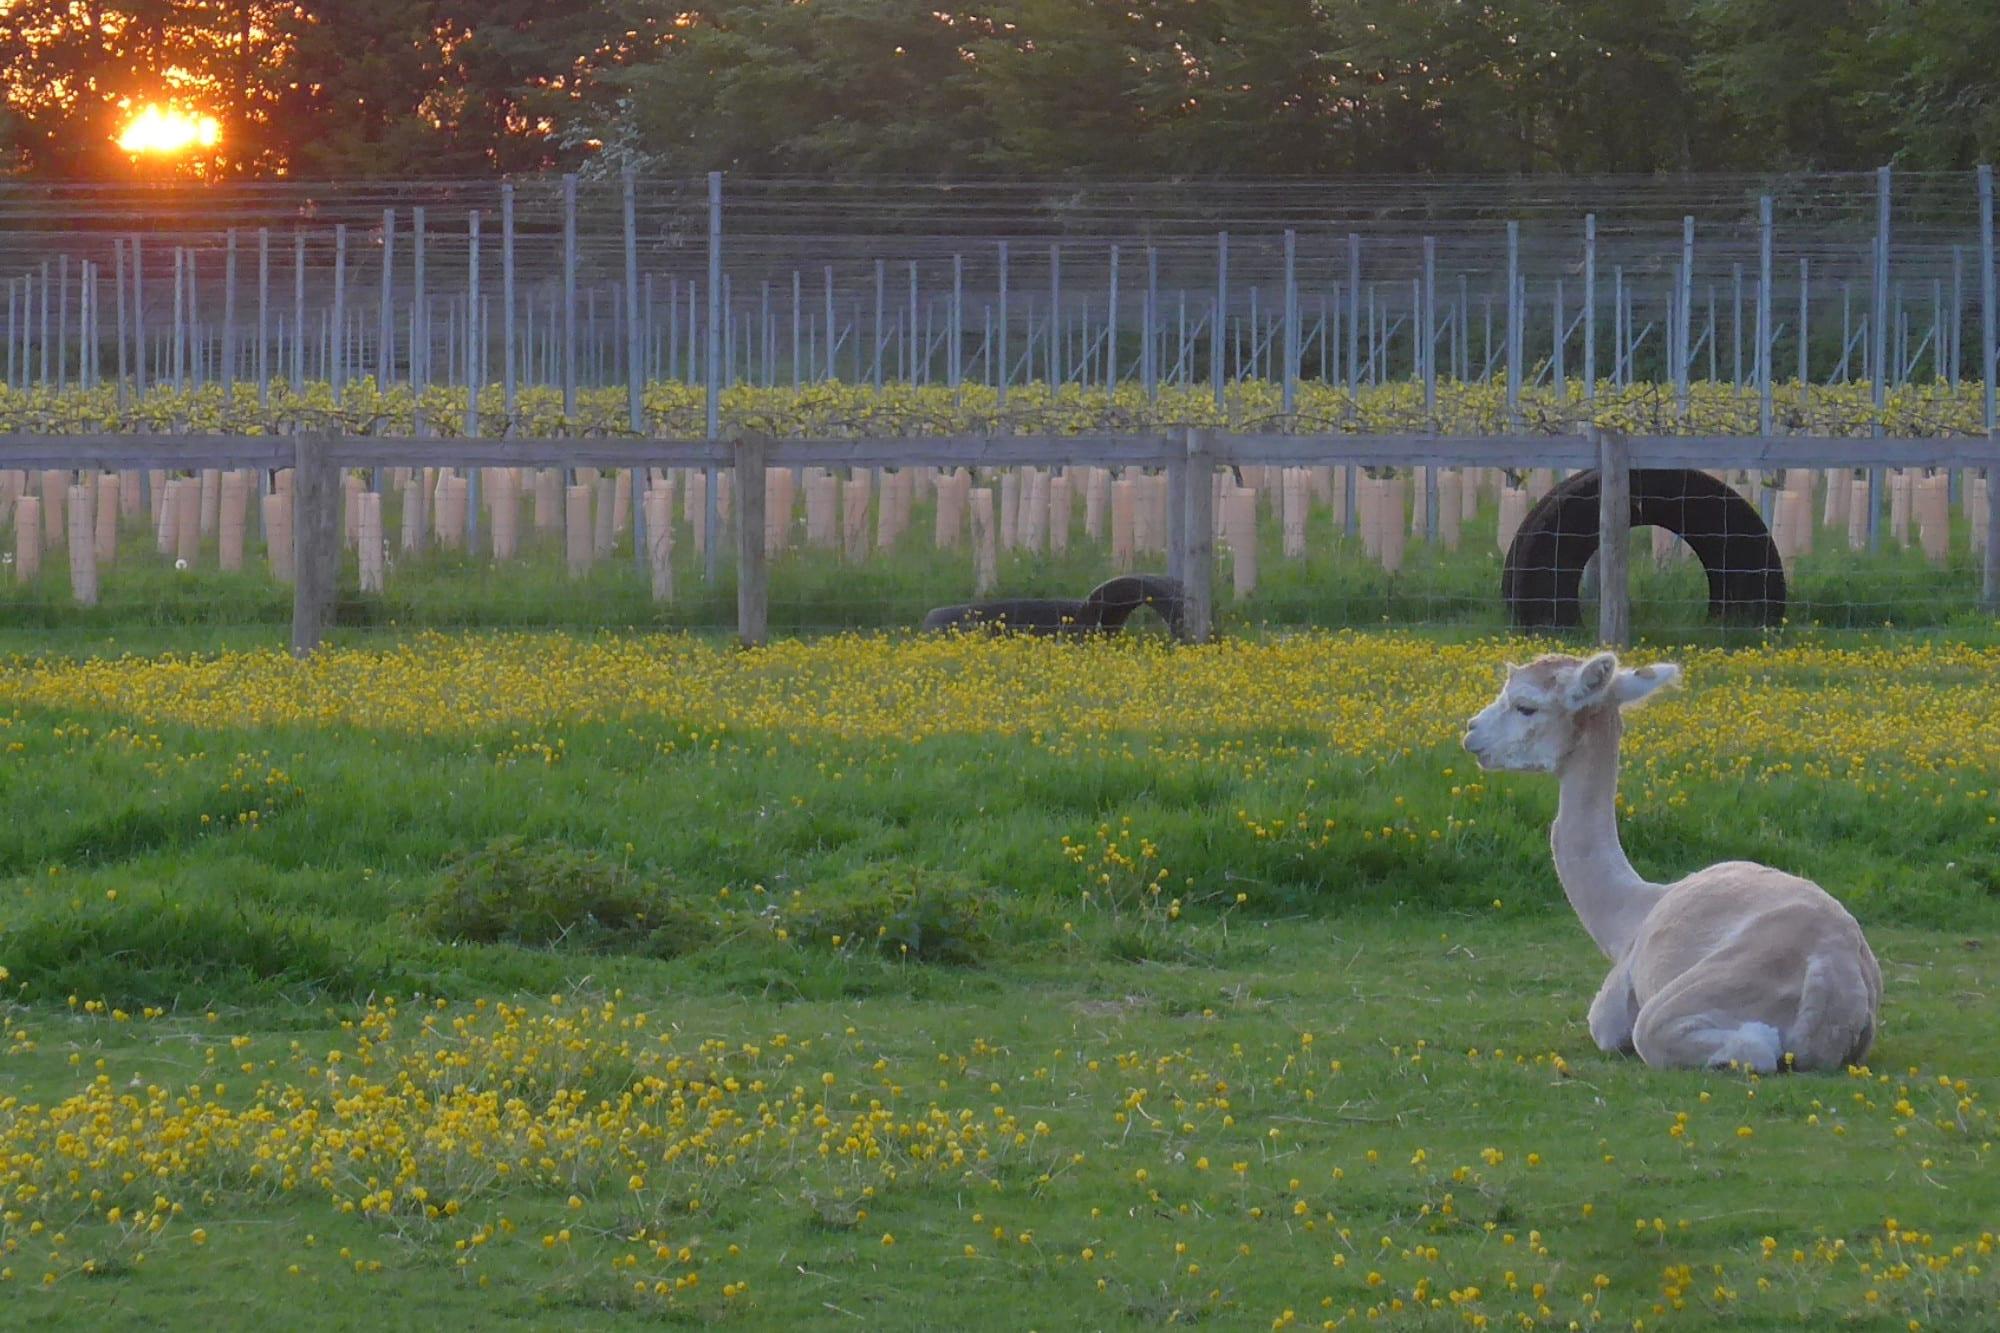 Alpaca in a field at sunset